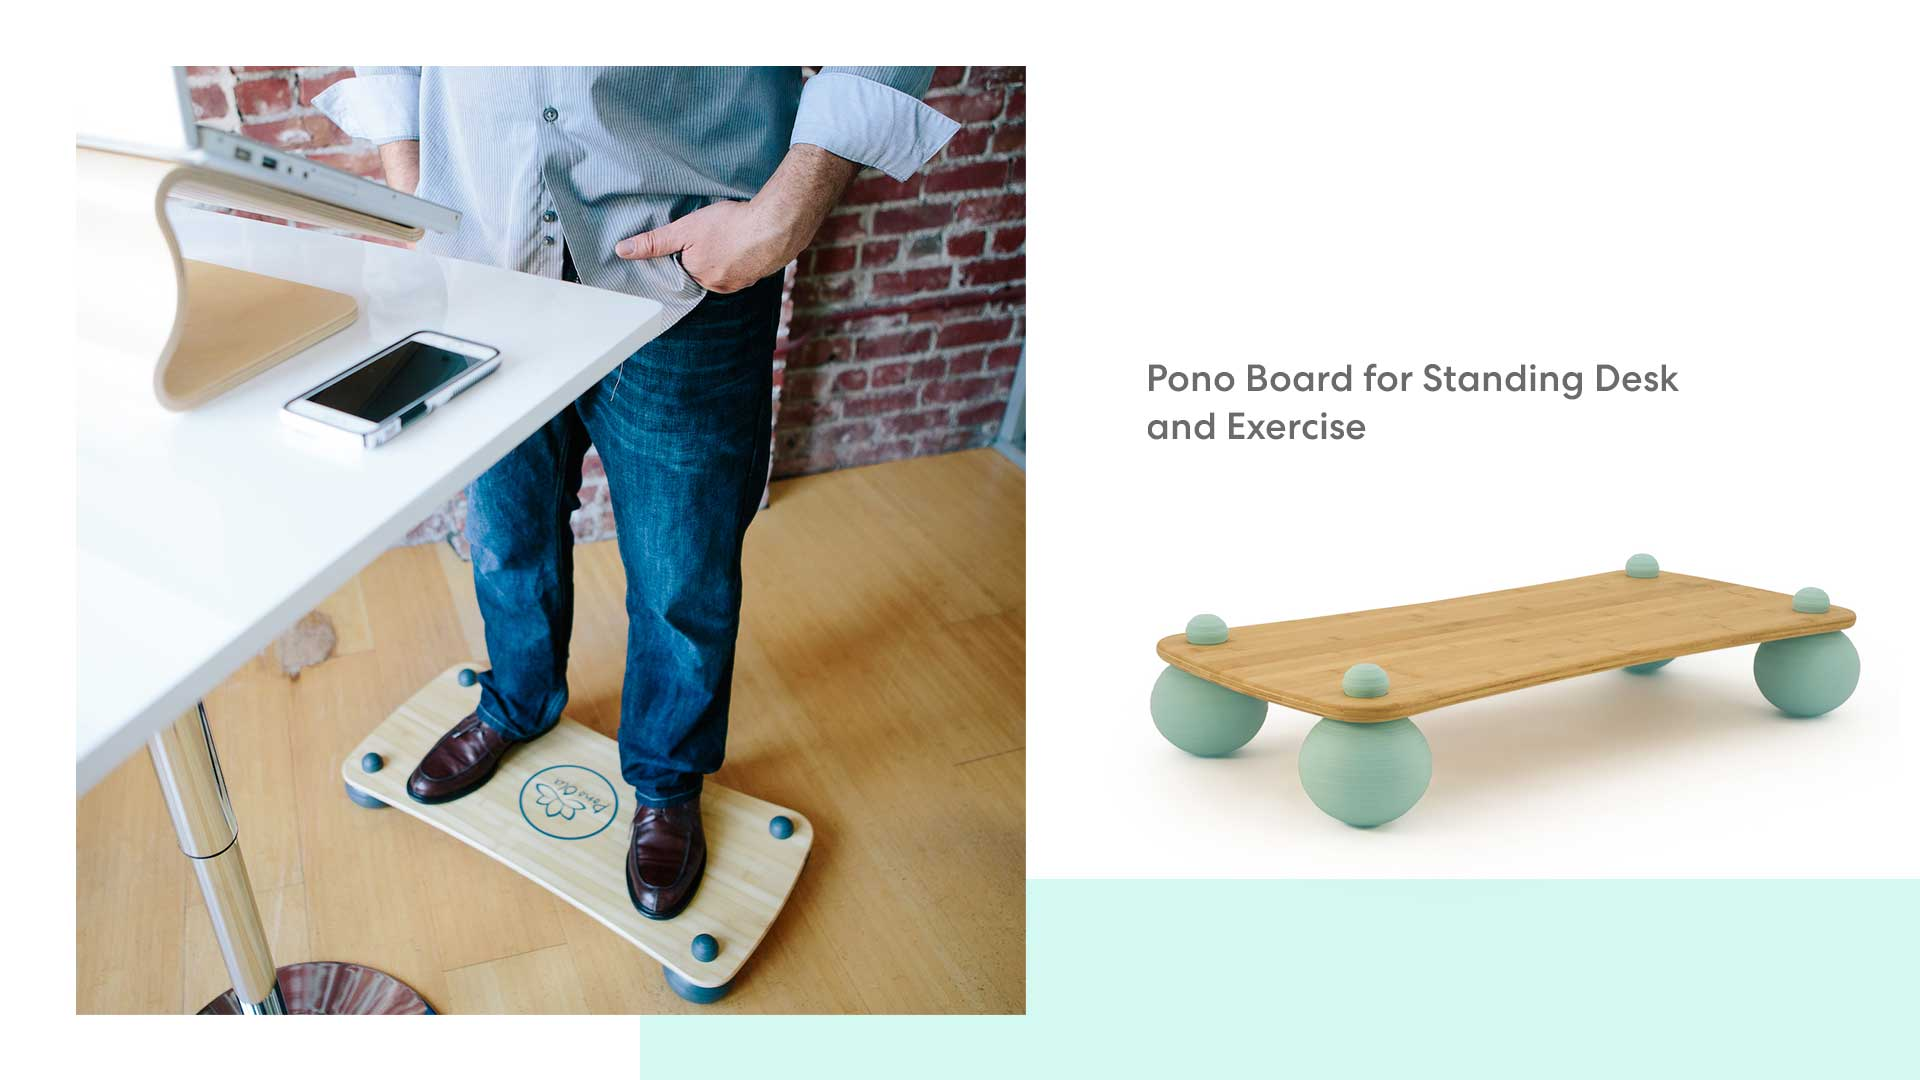 Photo of Pono Board